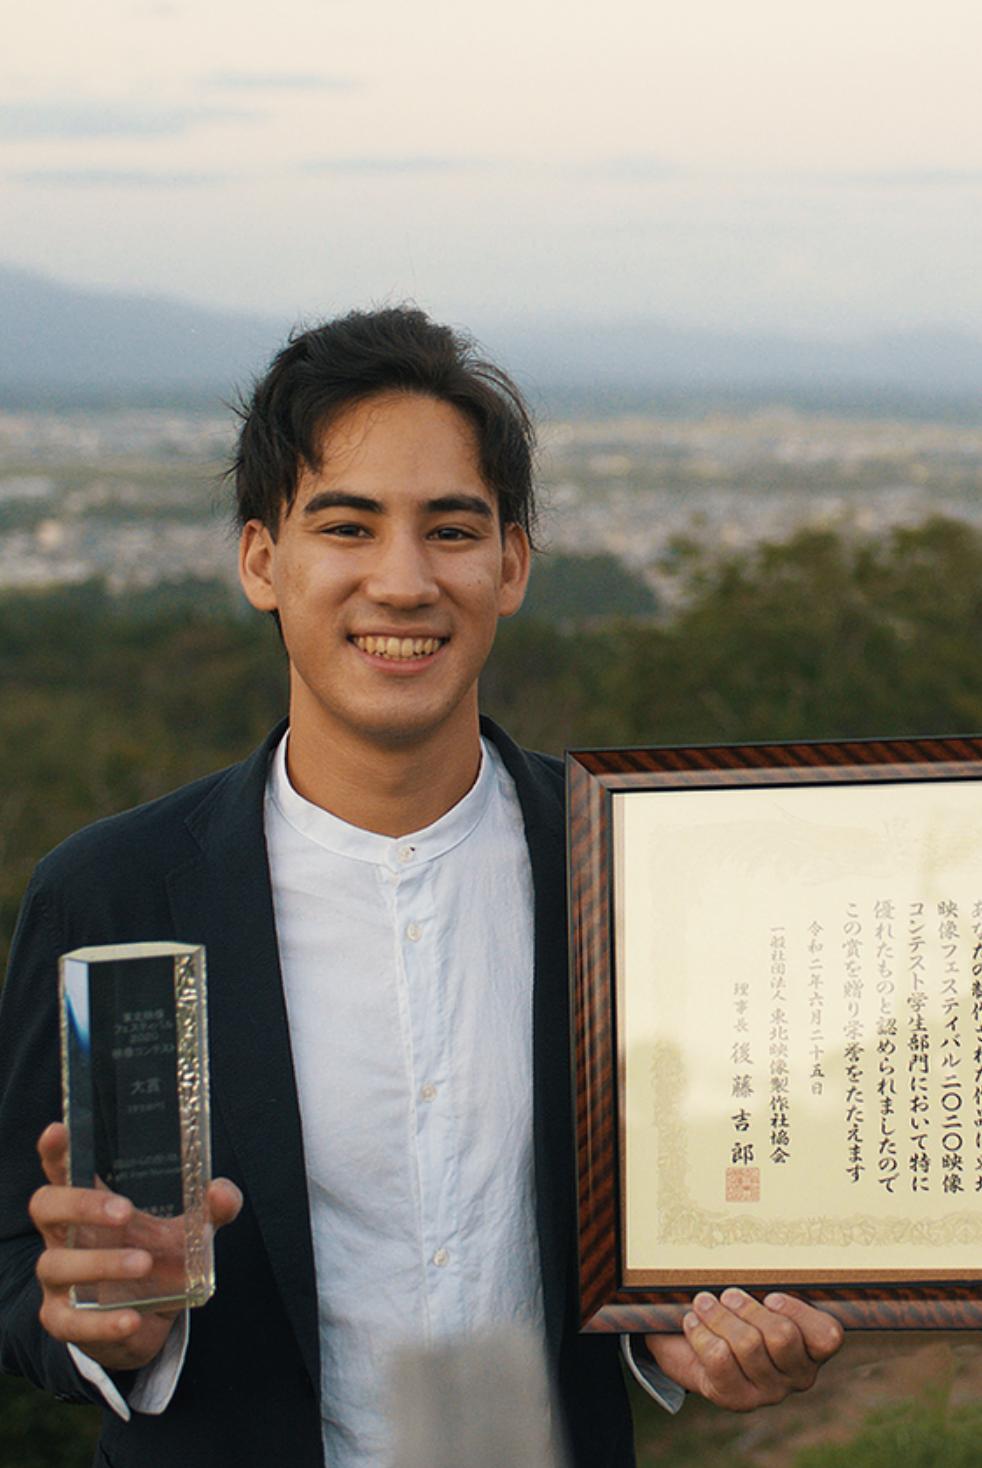 トロフィーを持つ松本さん